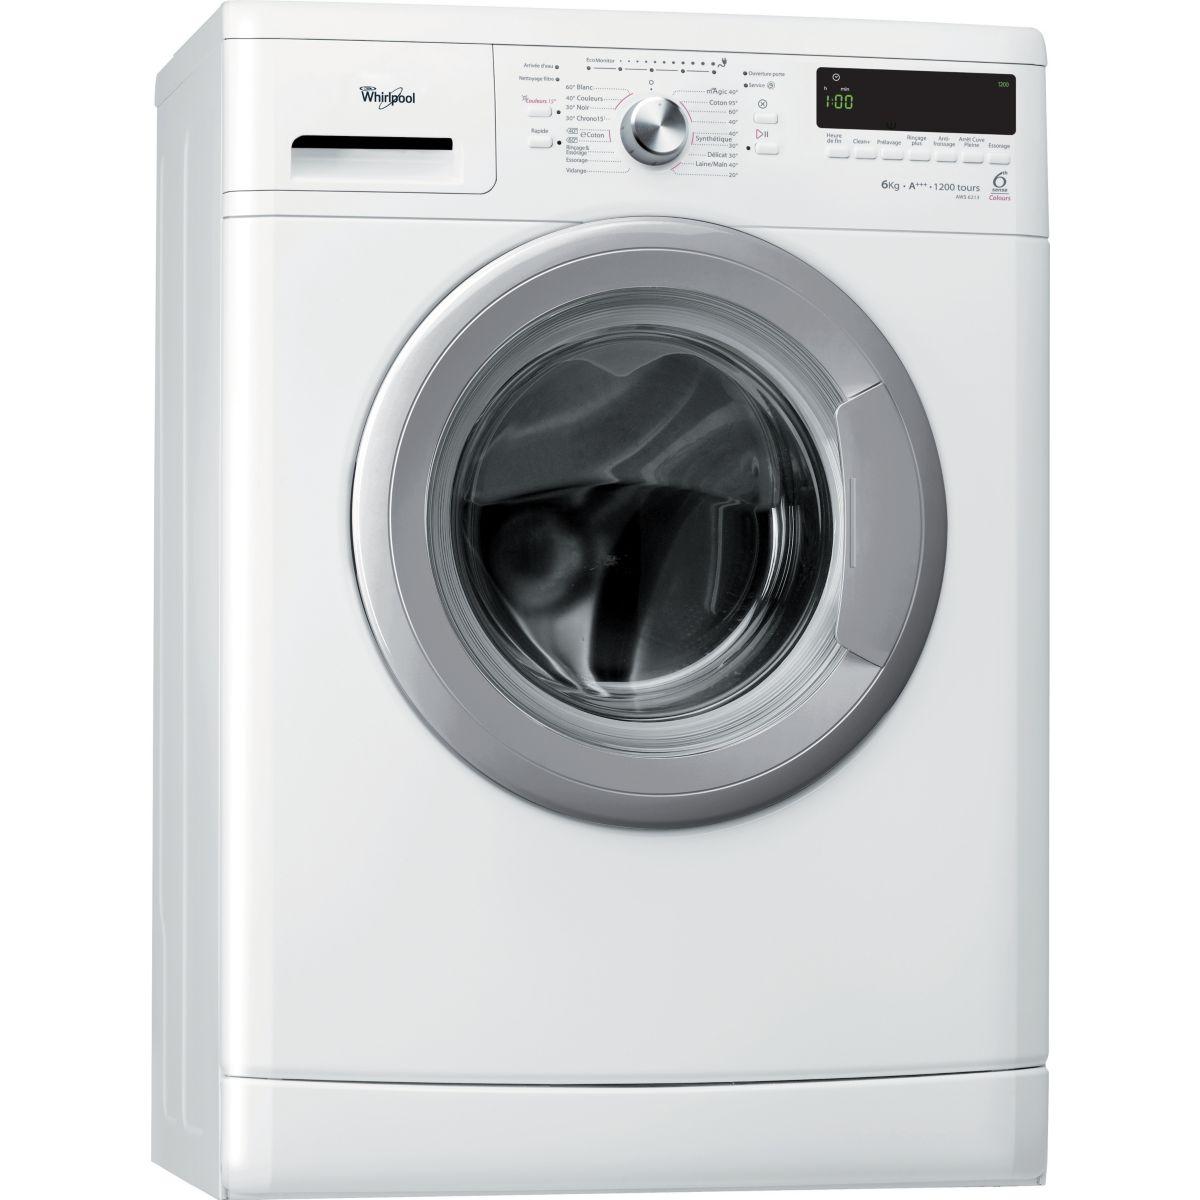 Lave-linge compact whirlpool aws6213 - 10% de remise immédiate avec le code : cool10 (photo)